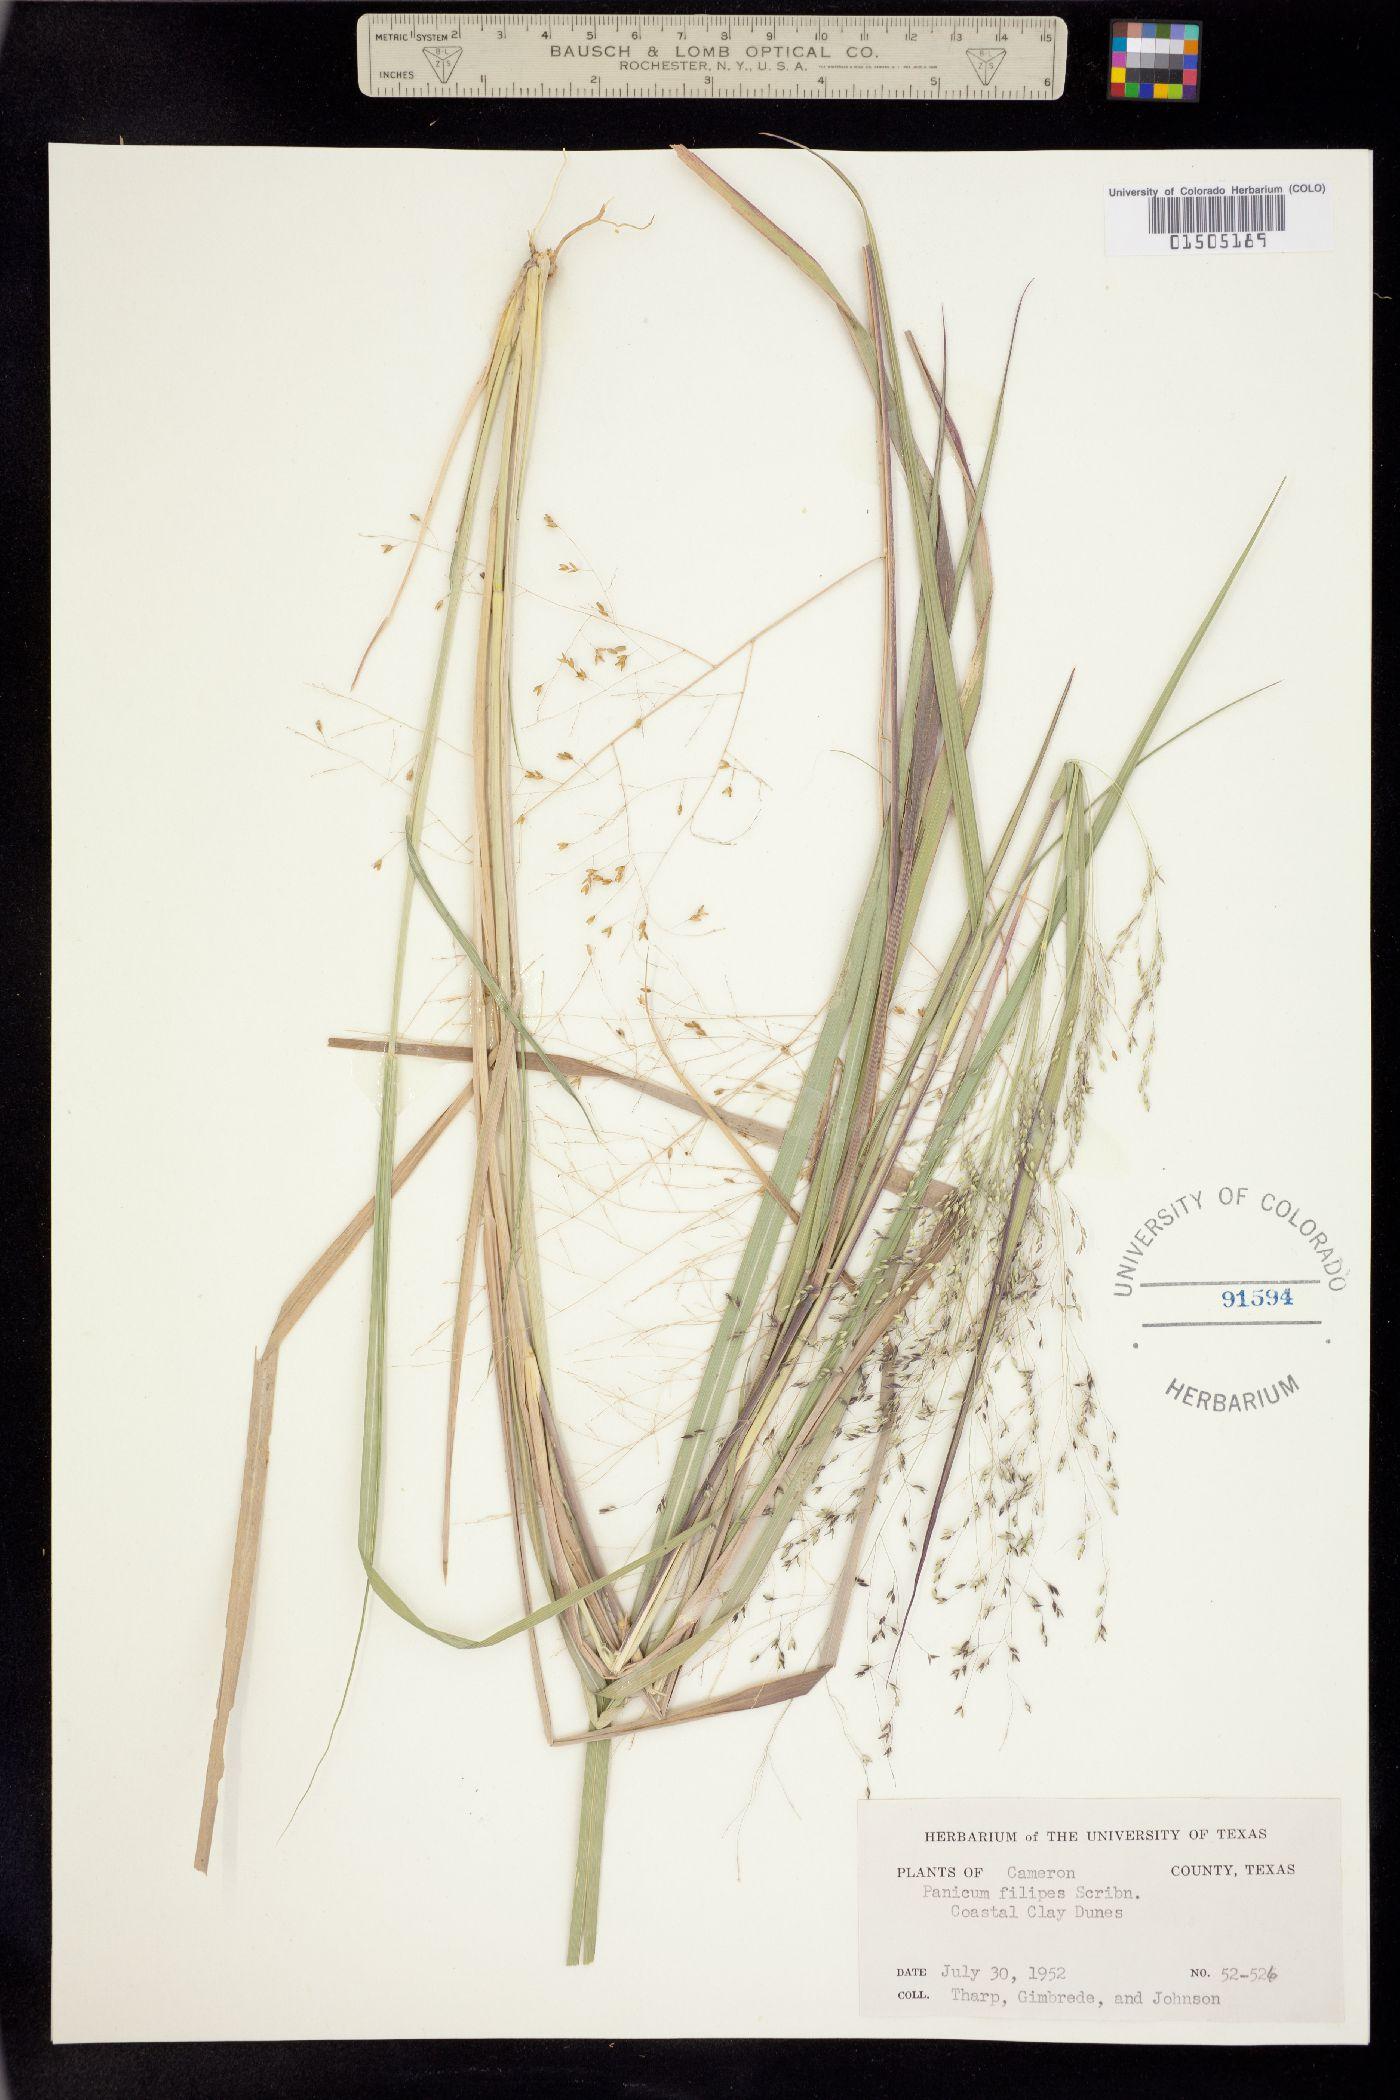 Panicum hallii var. filipes image